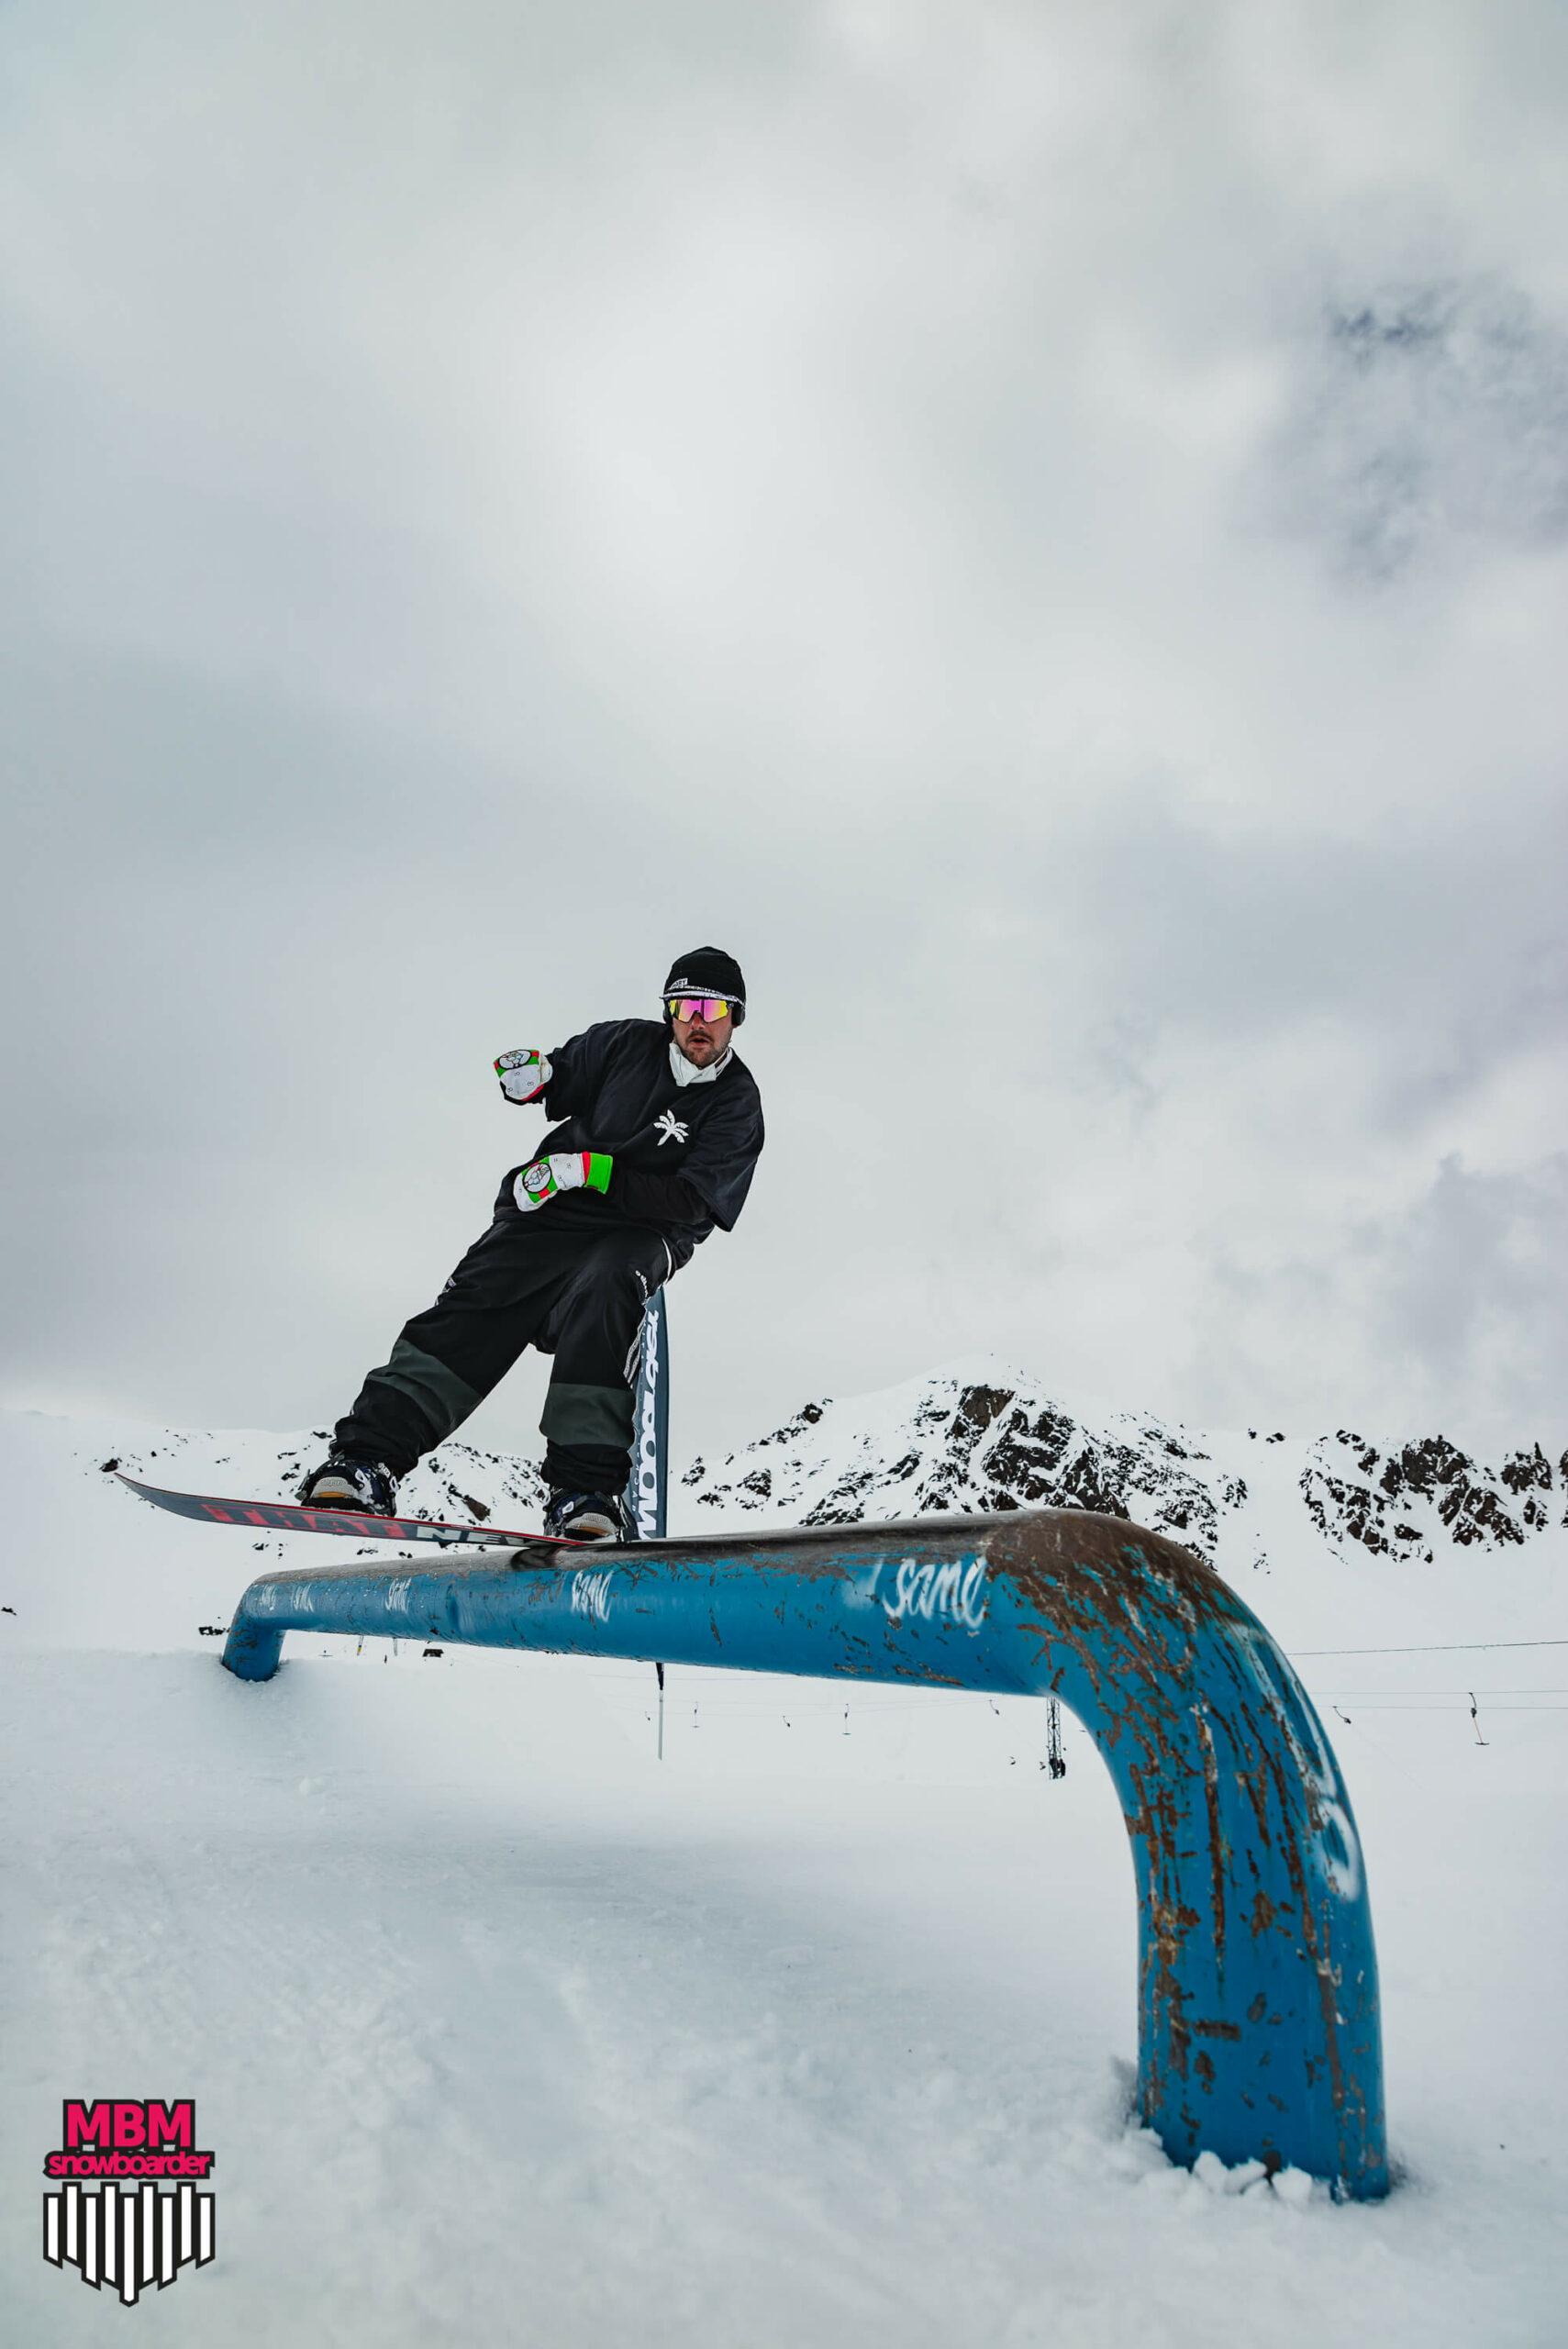 snowboarderMBM_sd_kaunertal_053